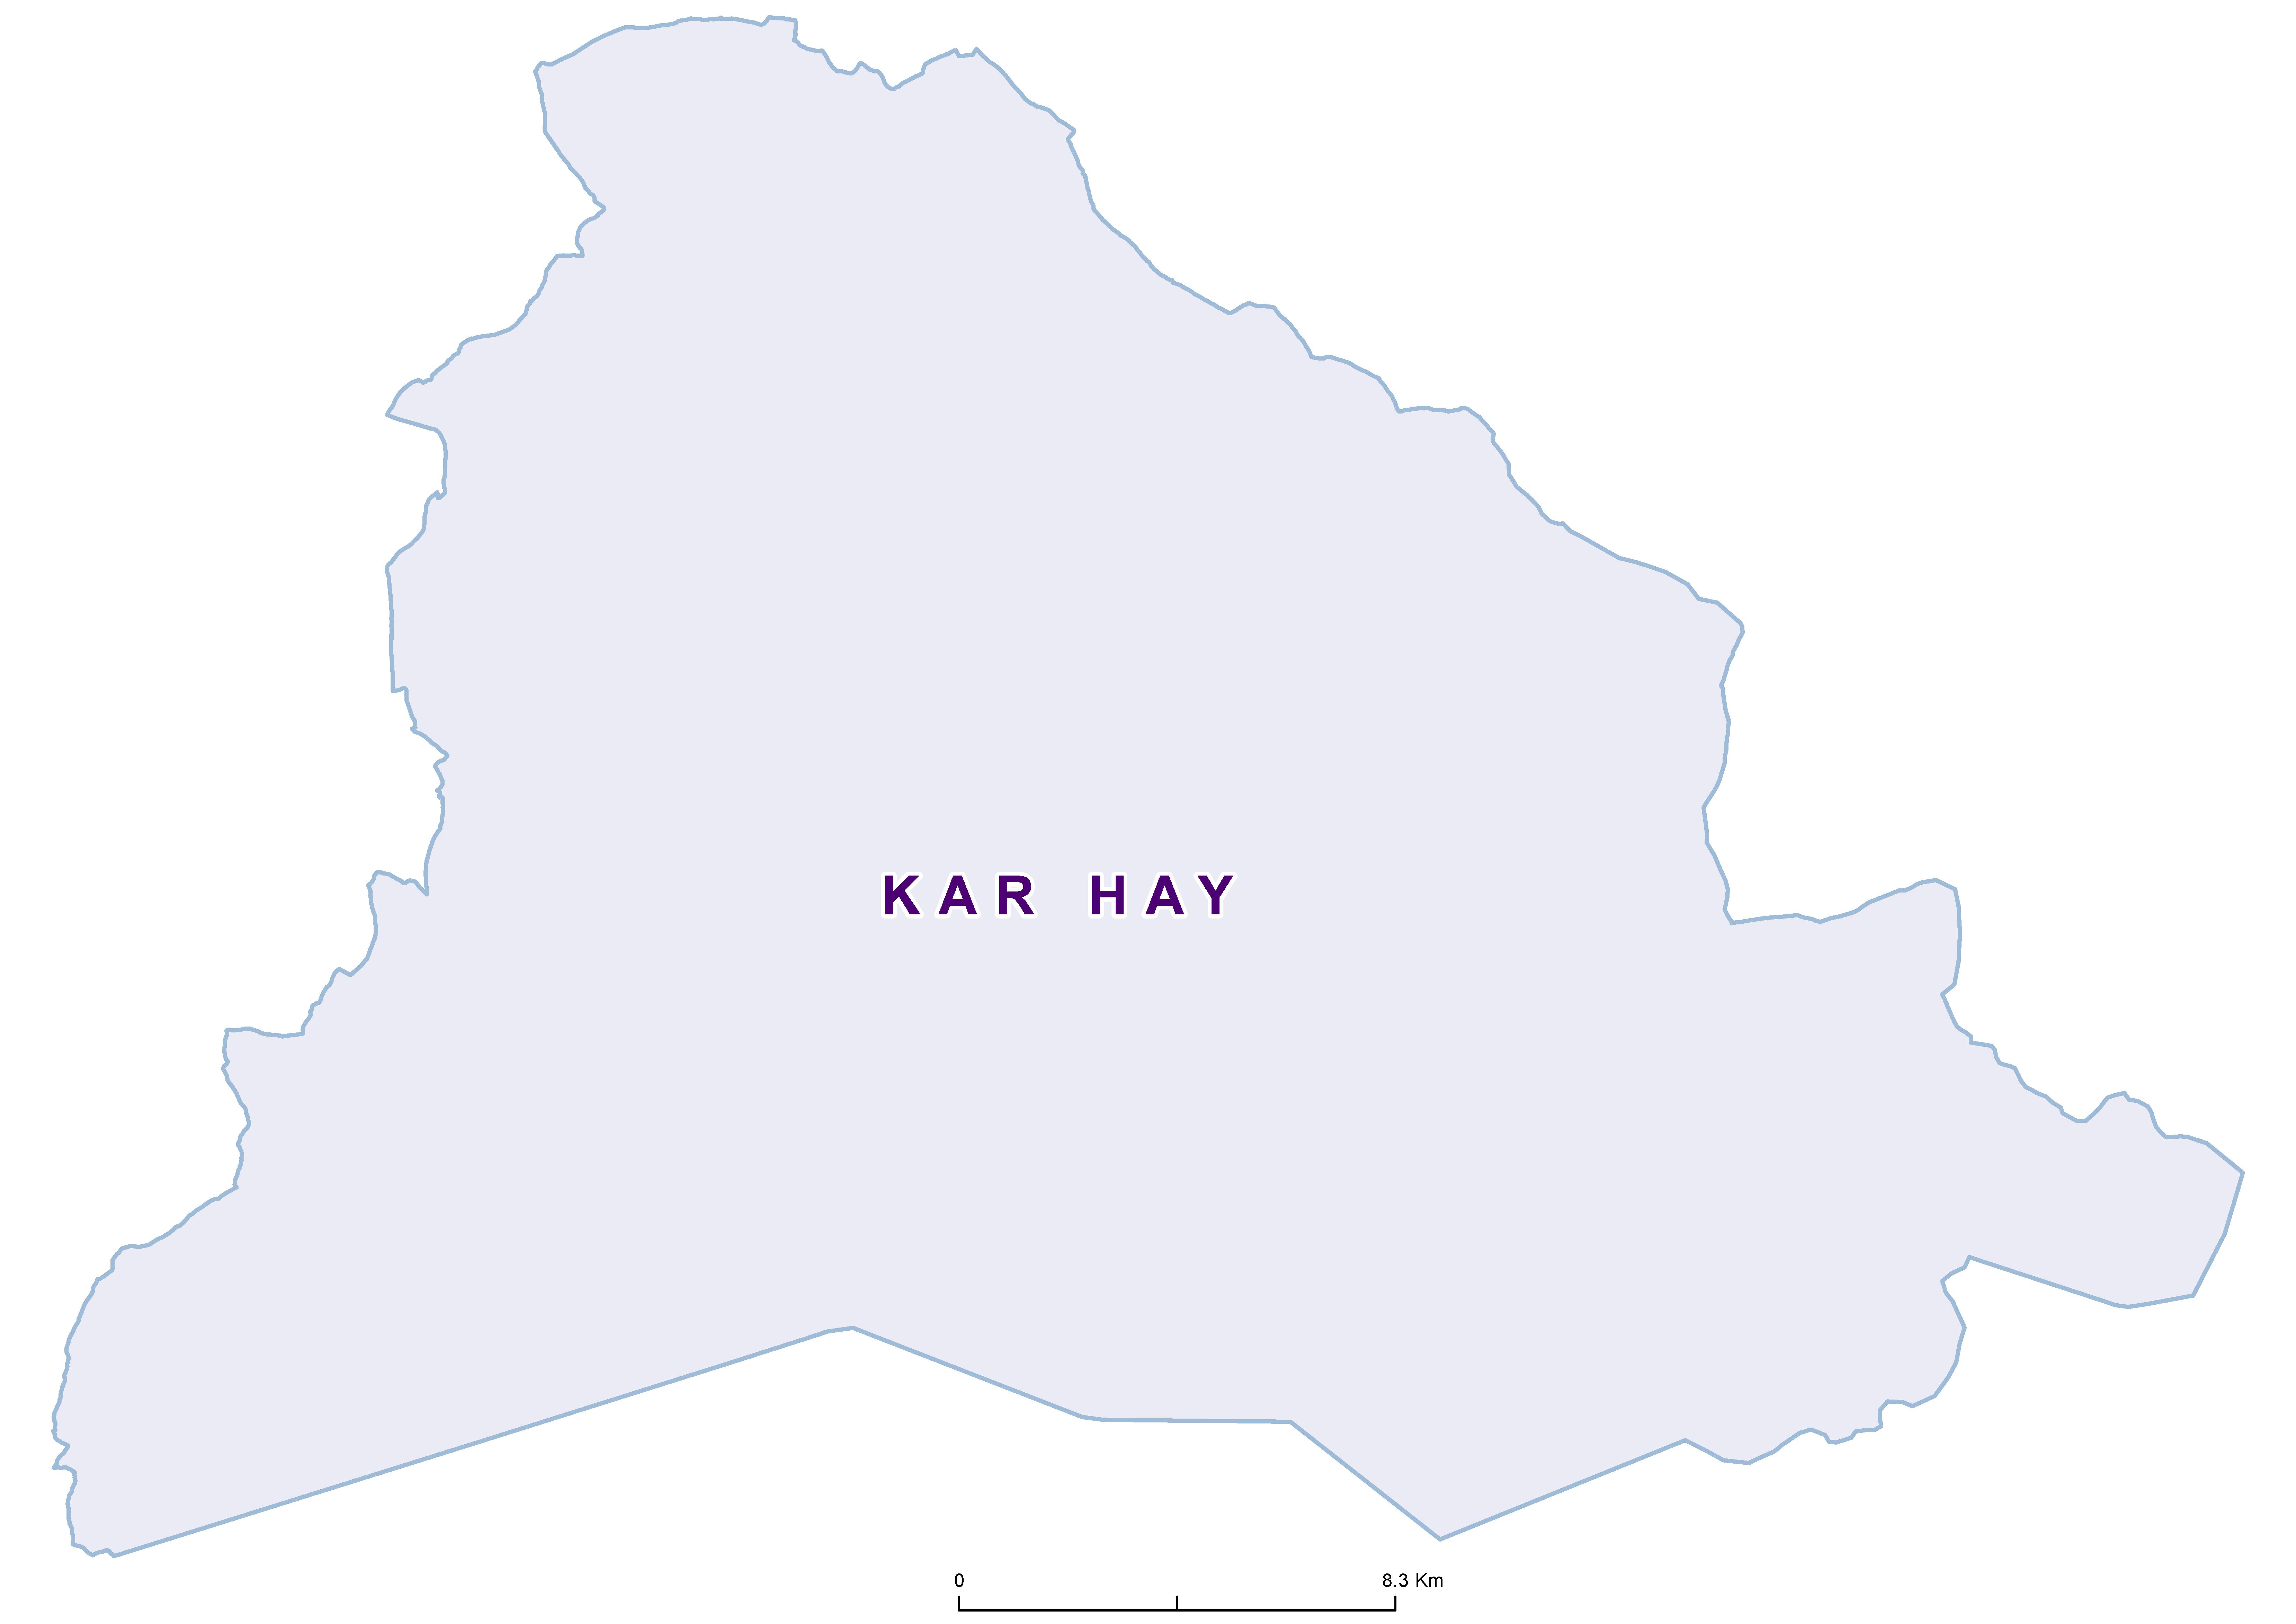 Kar hay Max SCH 20180001